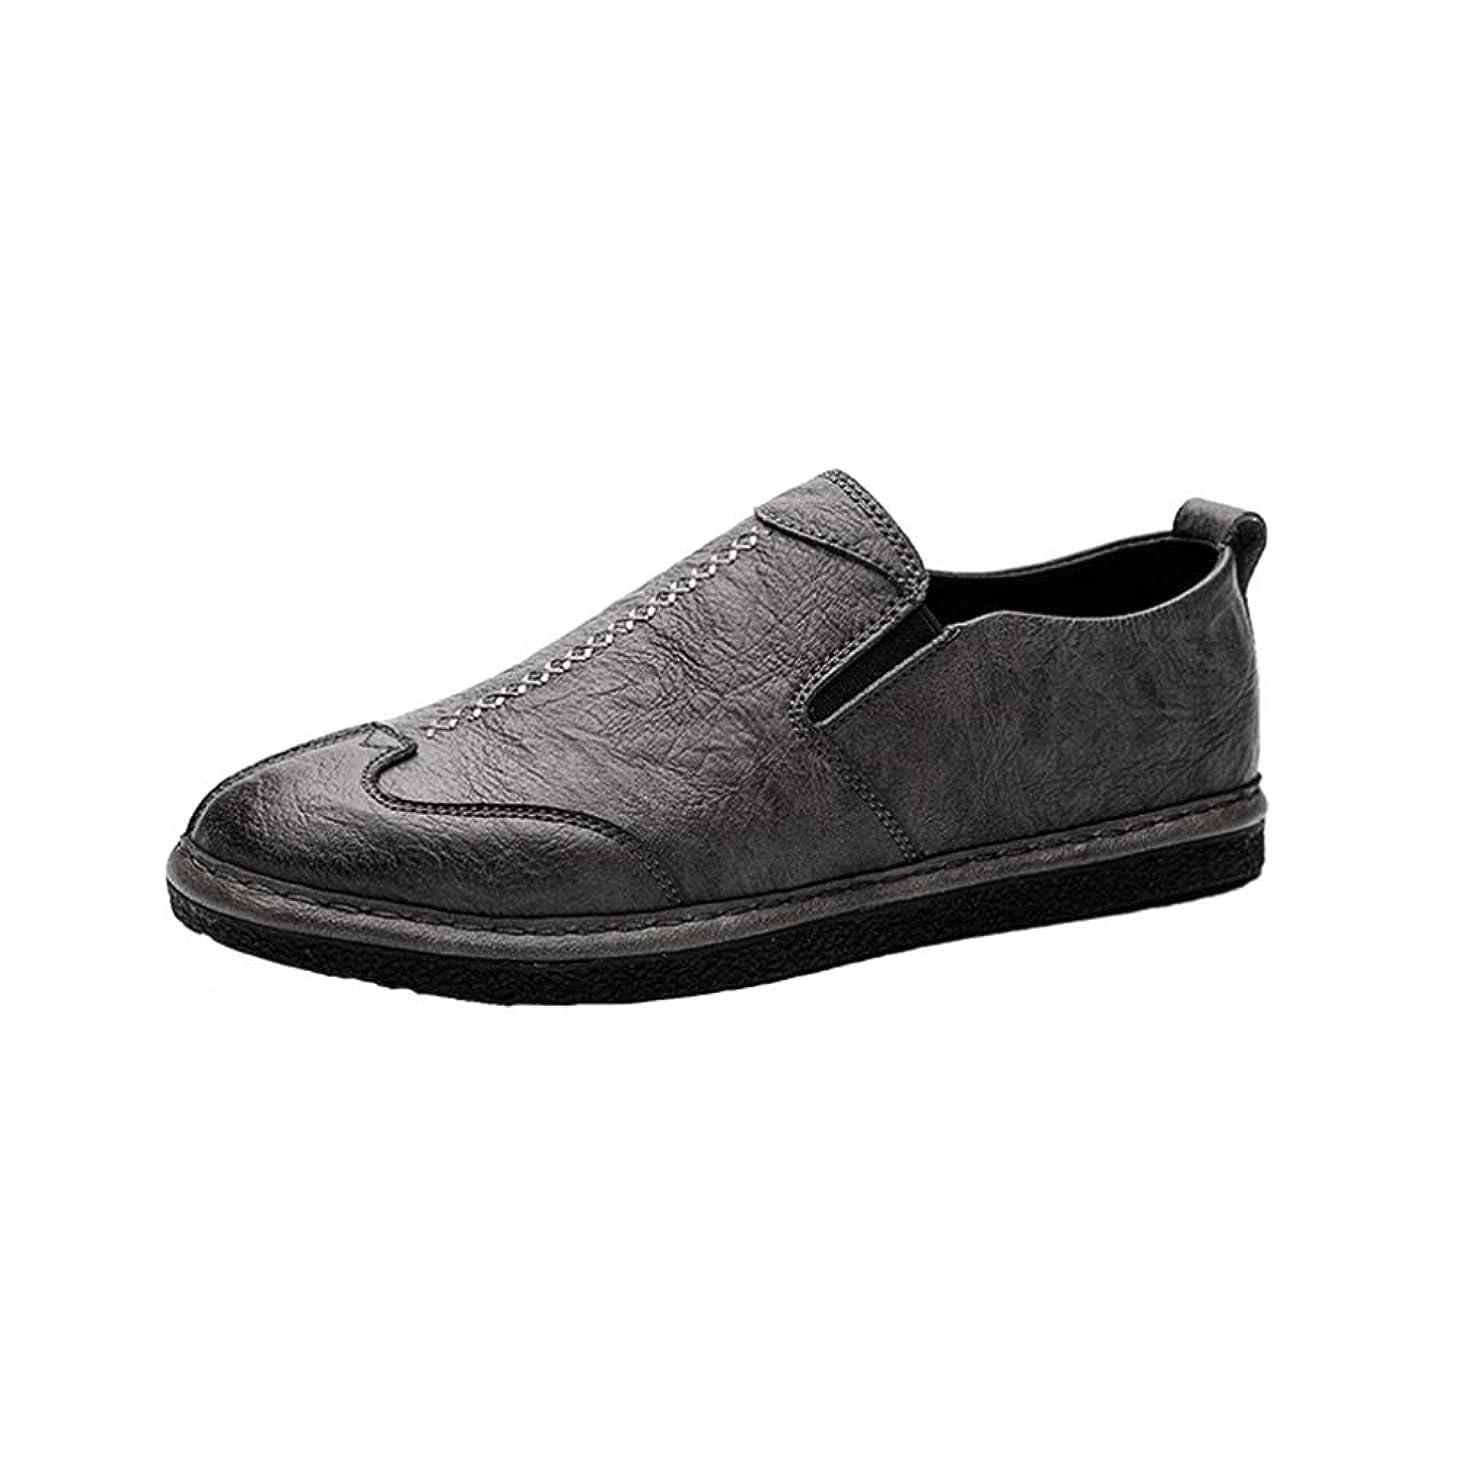 ゆりかご地殻領事館[YUL] ドライビングシューズ メンズ ローファー スリッポン モカシン ビジネスシューズ 紳士靴 転靴 カジュアルシューズ 防滑 軽量 通気 快適 シューズ フラット アウトドアシューズ ファッションシューズ つま先